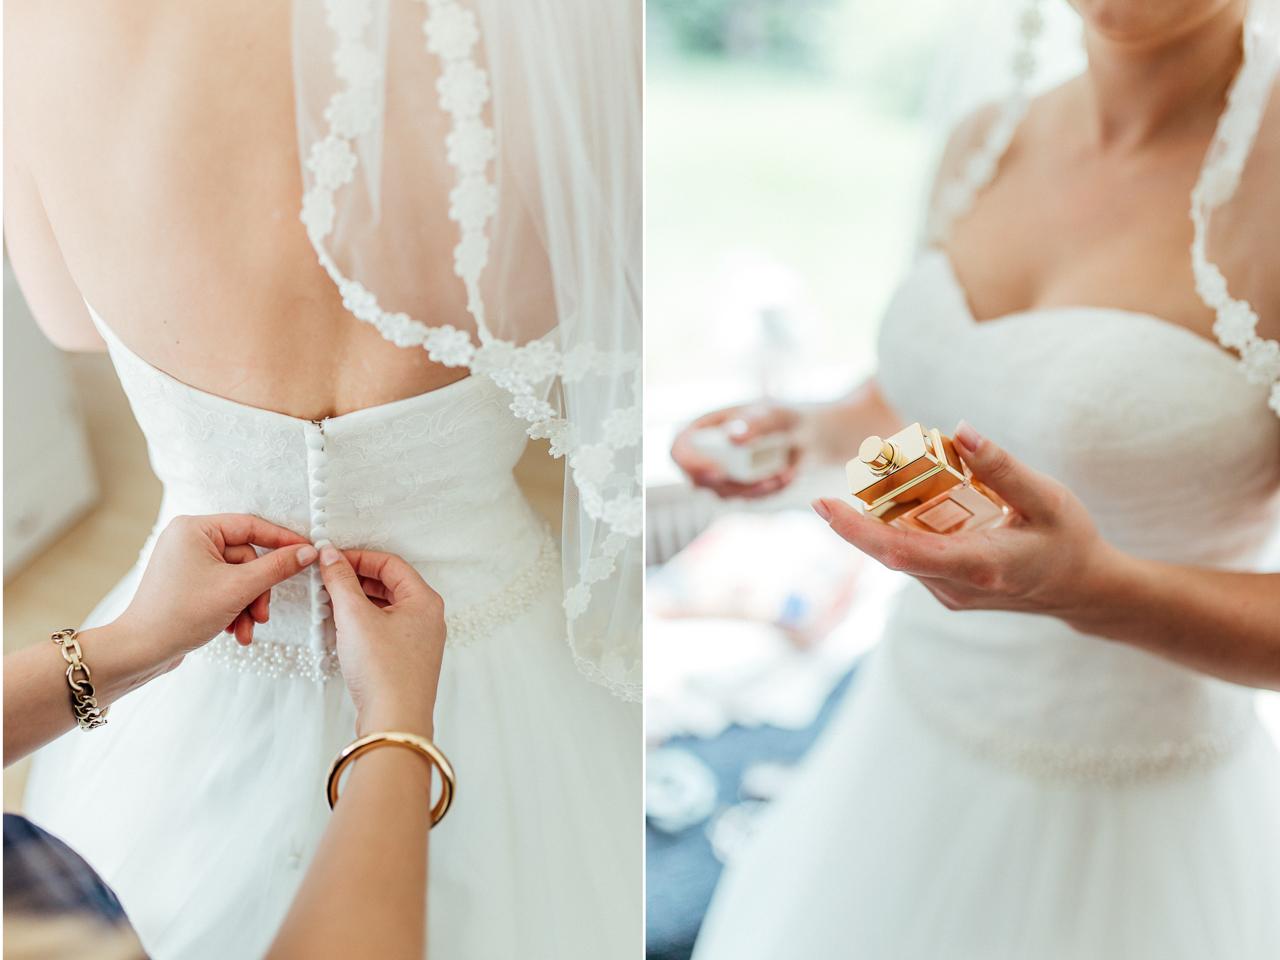 Hochzeit Eventscheune Dagobertshausen - Julia & Florian - Sandra Socha Fotografie - 15 (2)